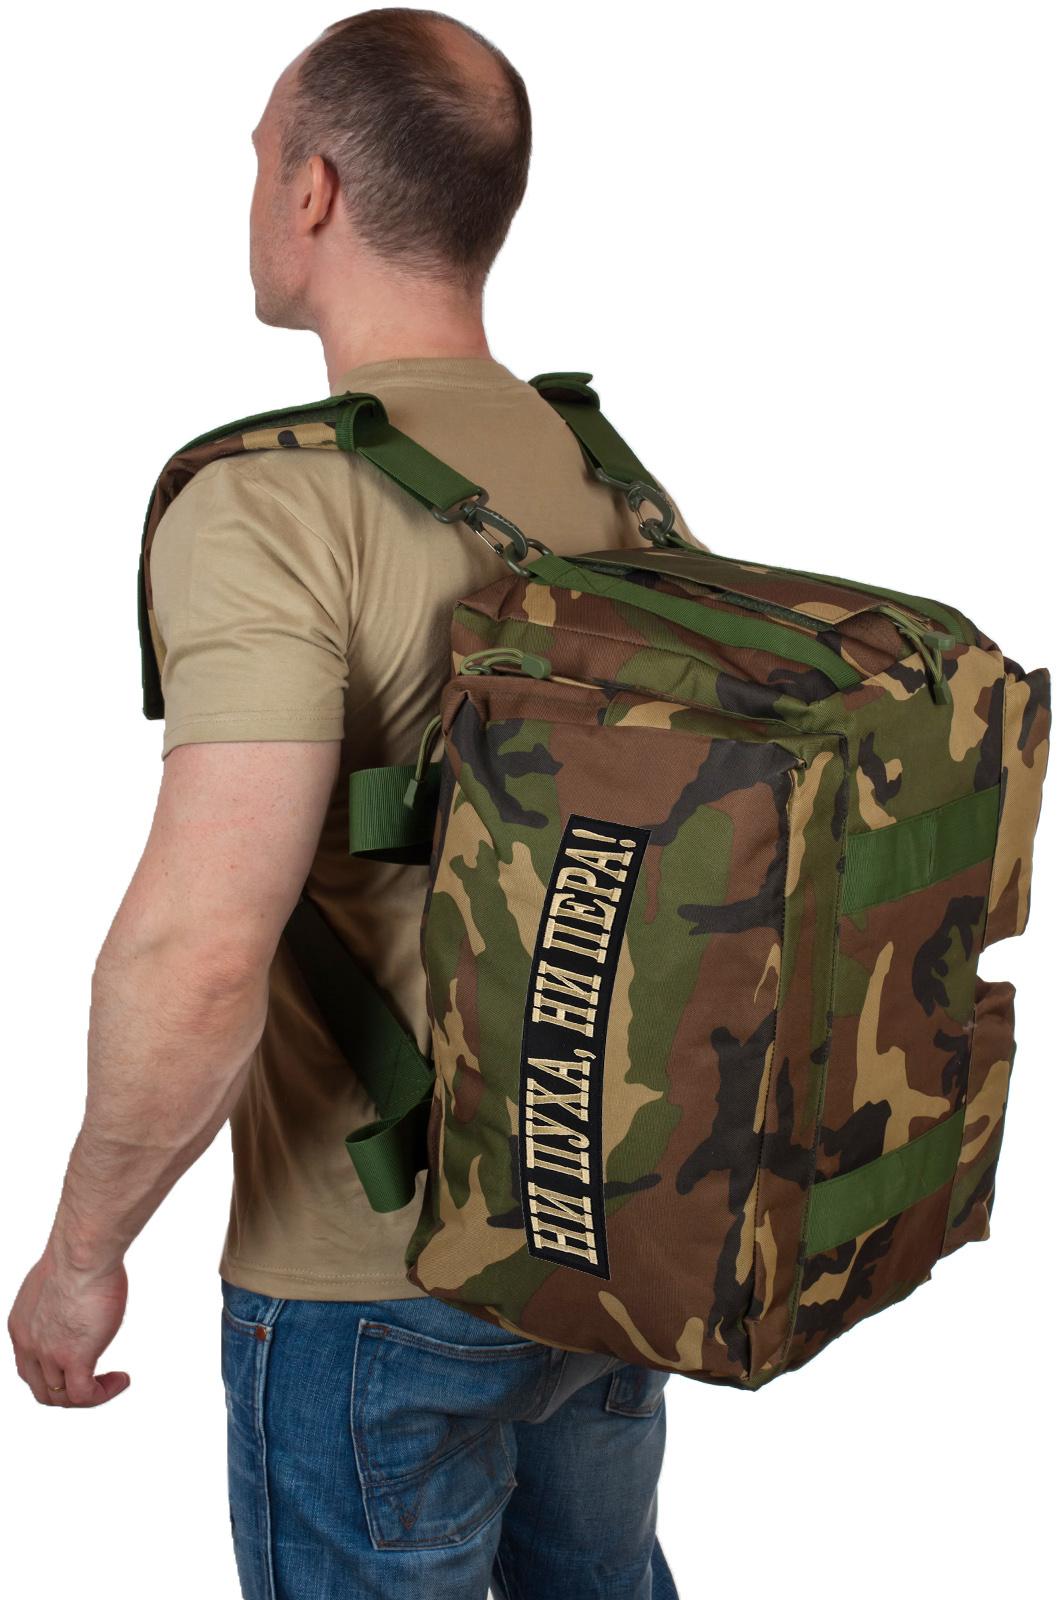 Купить заплечную дорожную сумку с нашивкой Ни пуха, Ни пера по экономичной цене